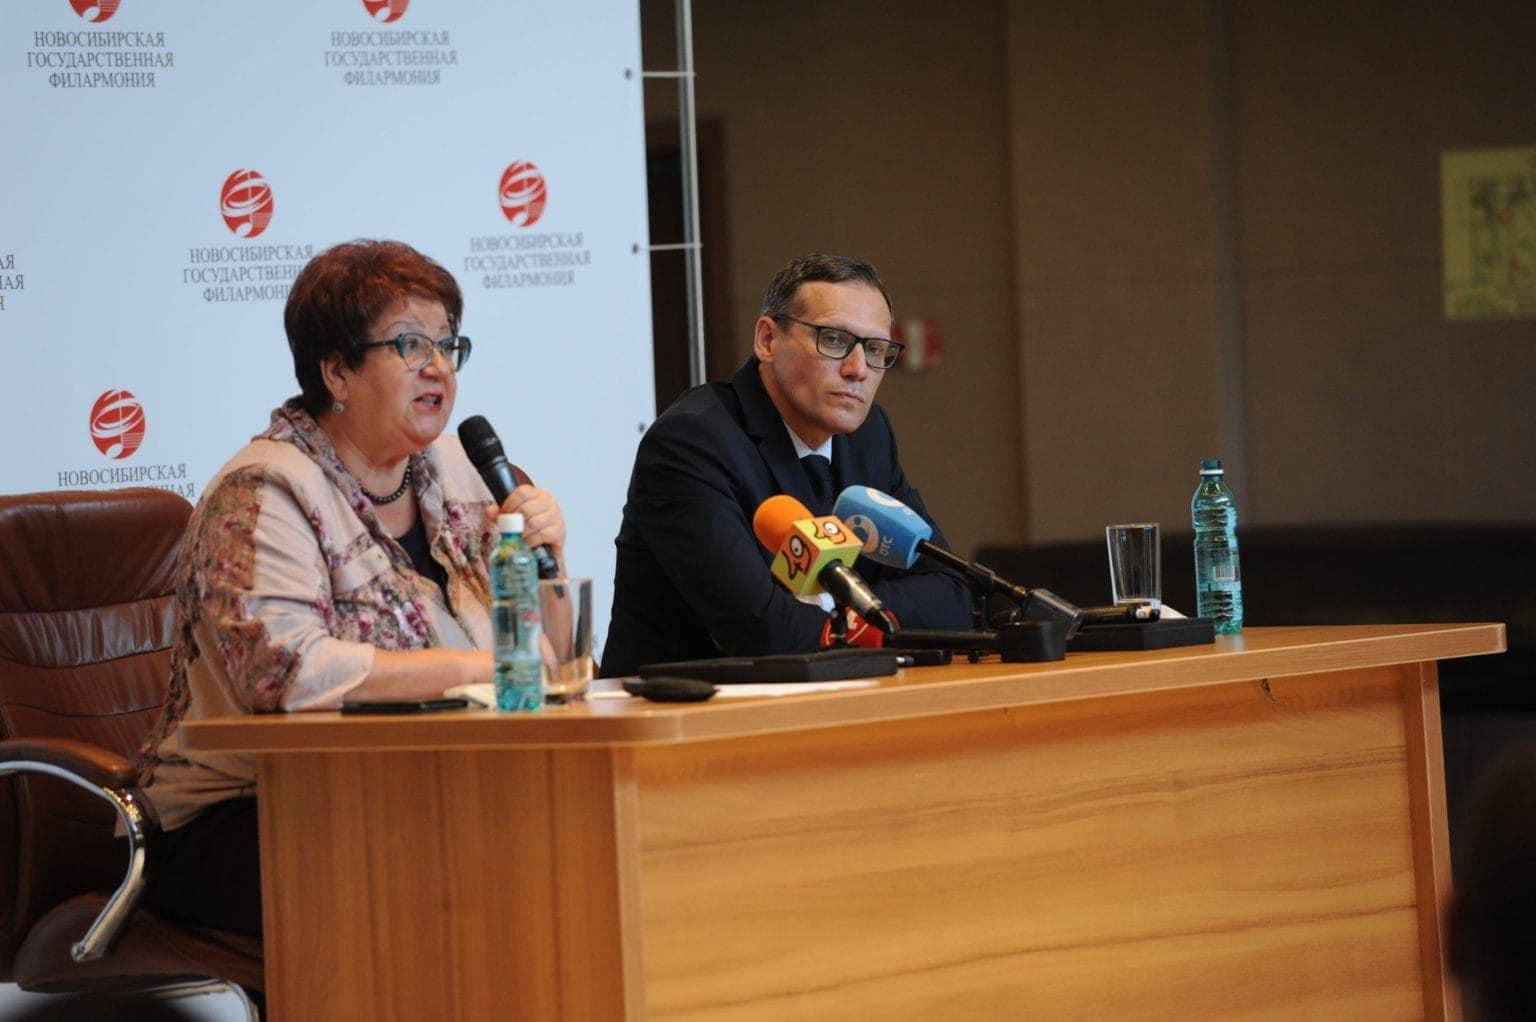 ناتالیا یاروسلاوسسوا و الکساندر بوخارنیکوف